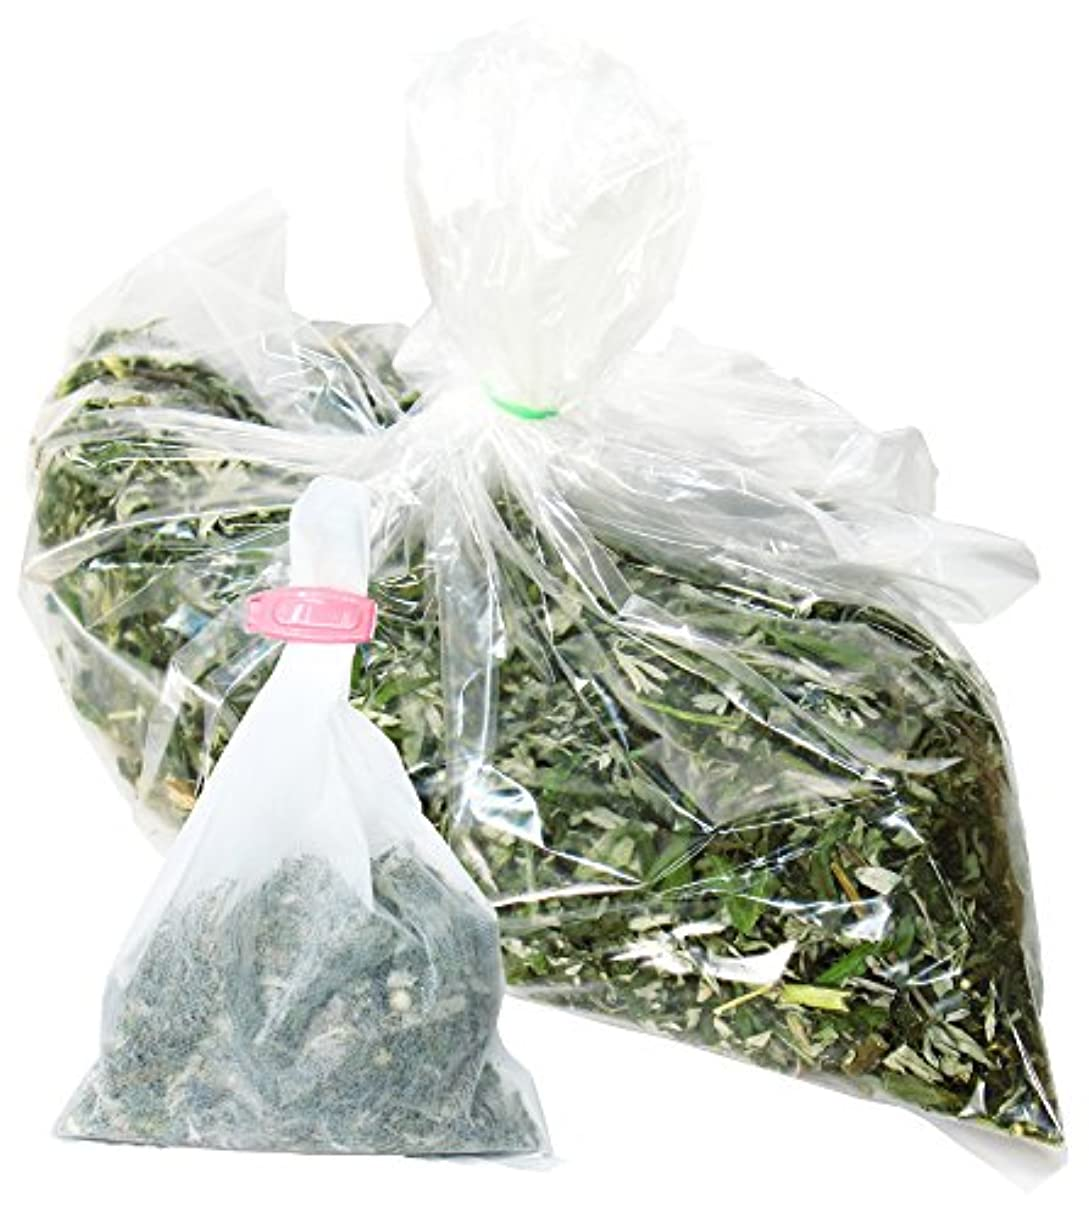 トリッキー機械的適切な自然健康社 よもぎ蒸しのよもぎ 250g 乾燥刻み 煮出し袋10枚付